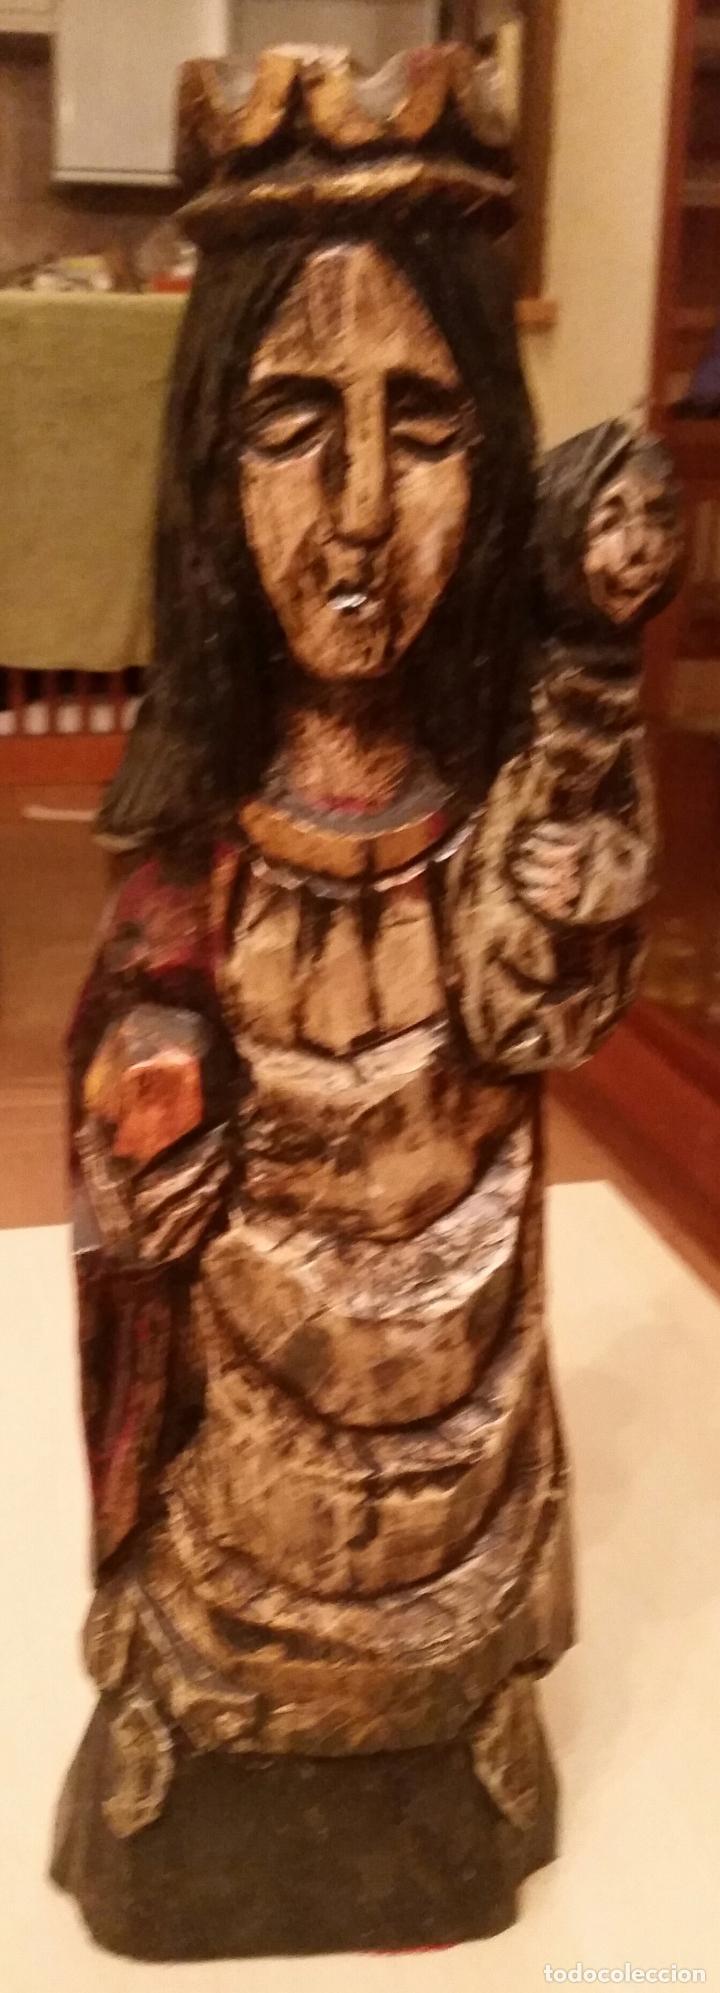 Antigüedades: ANTIGUA TALLA EN MADERA MACIZA DE VIRGEN CON NIÑO (AÑOS 50) - Foto 4 - 47356003